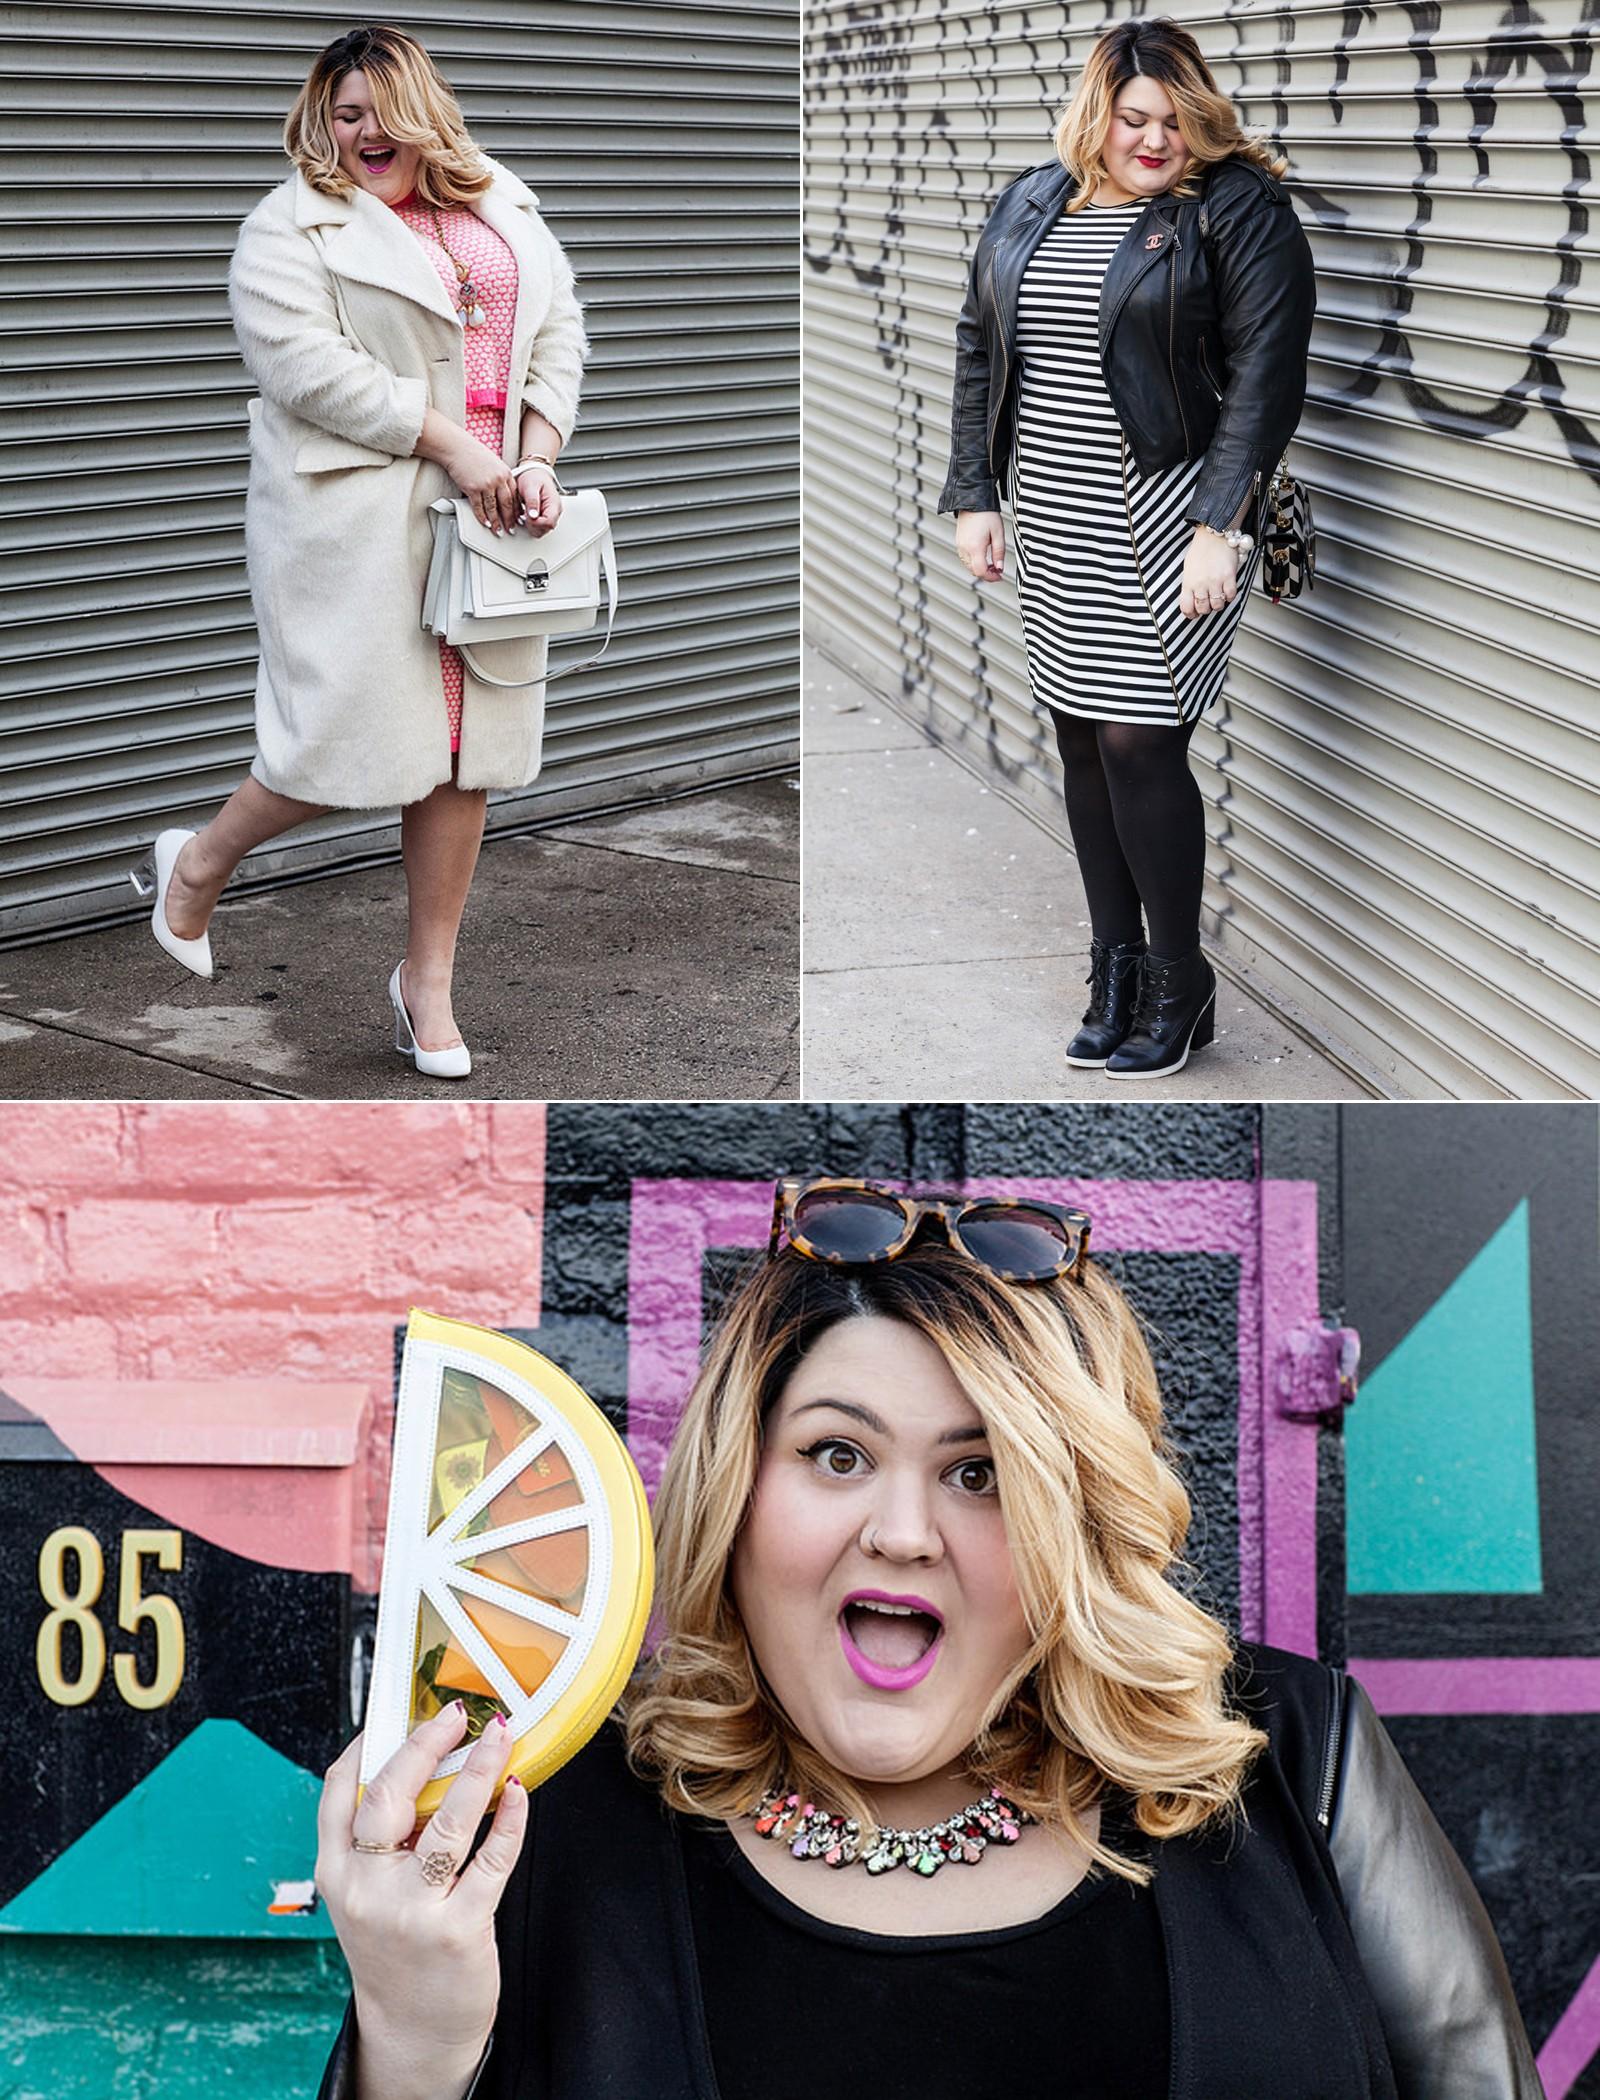 Colunista de moda, Nicolette diz que está amando a tendência dos tons pastéis no momento (Foto: Lydia Hudgens)